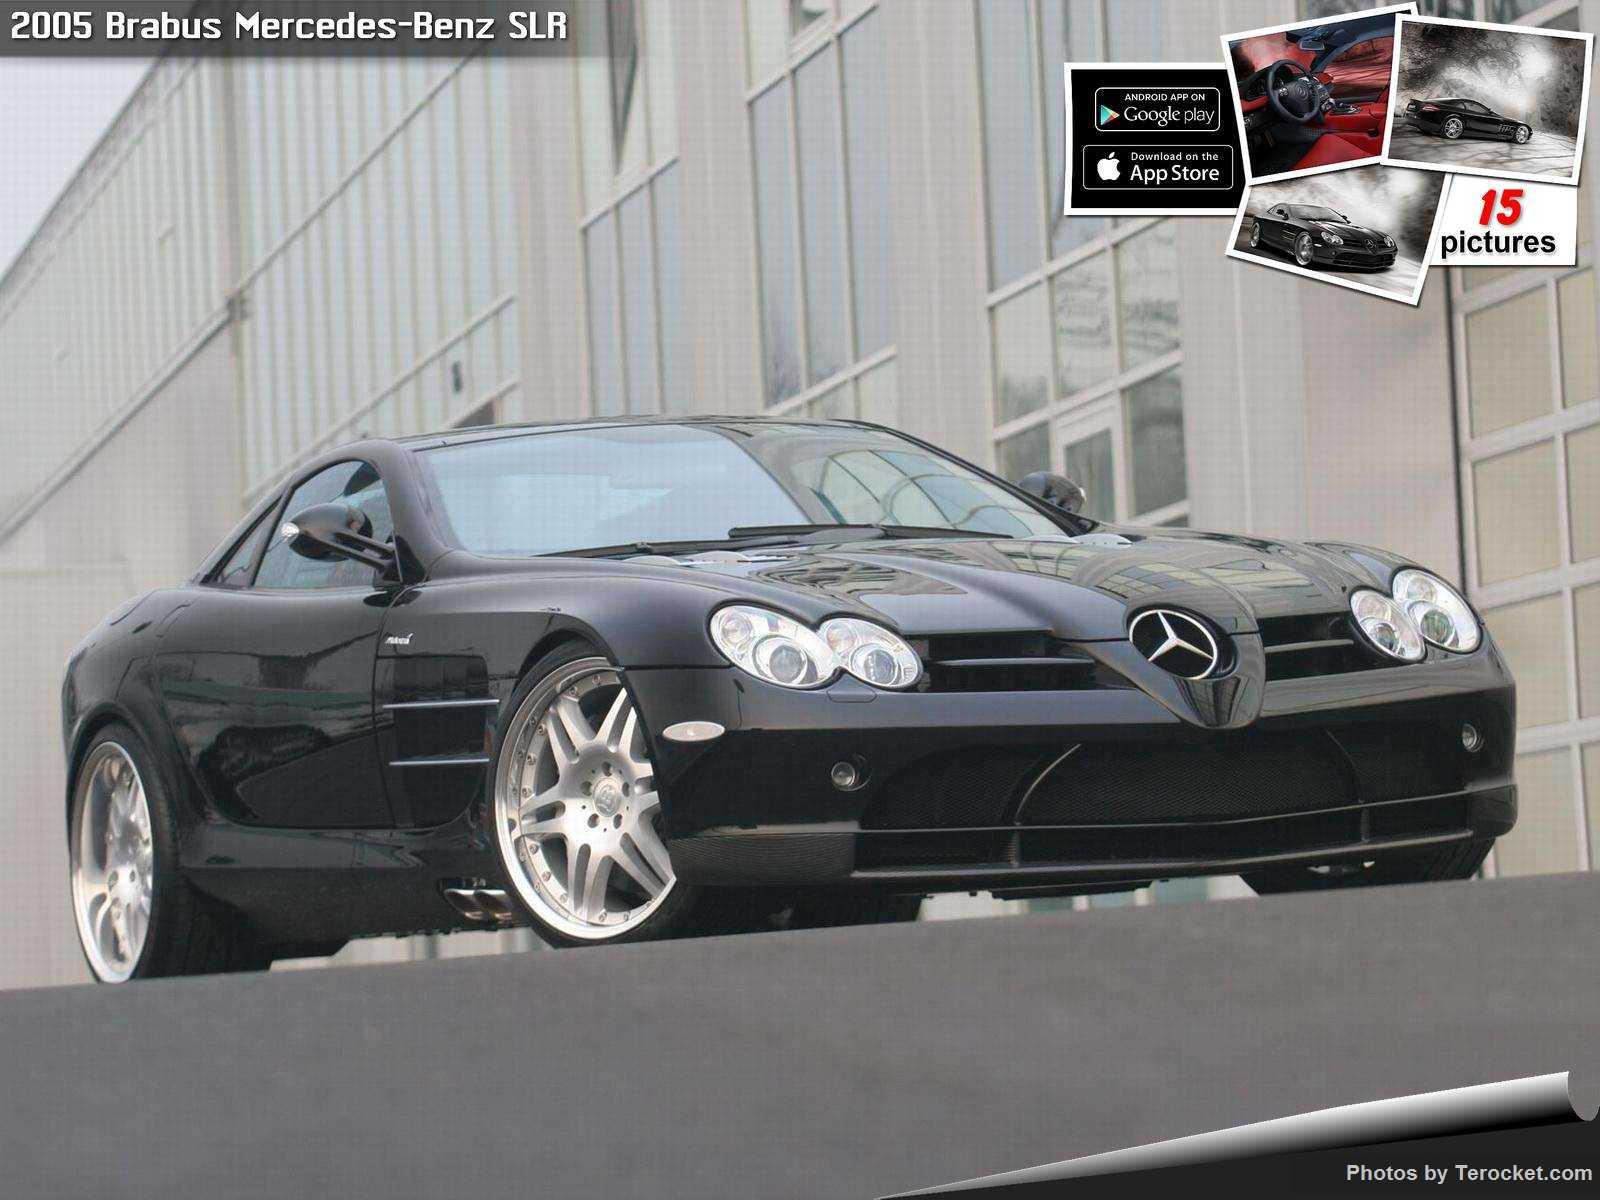 Hình ảnh xe ô tô Brabus Mercedes-Benz SLR 2005 & nội ngoại thất